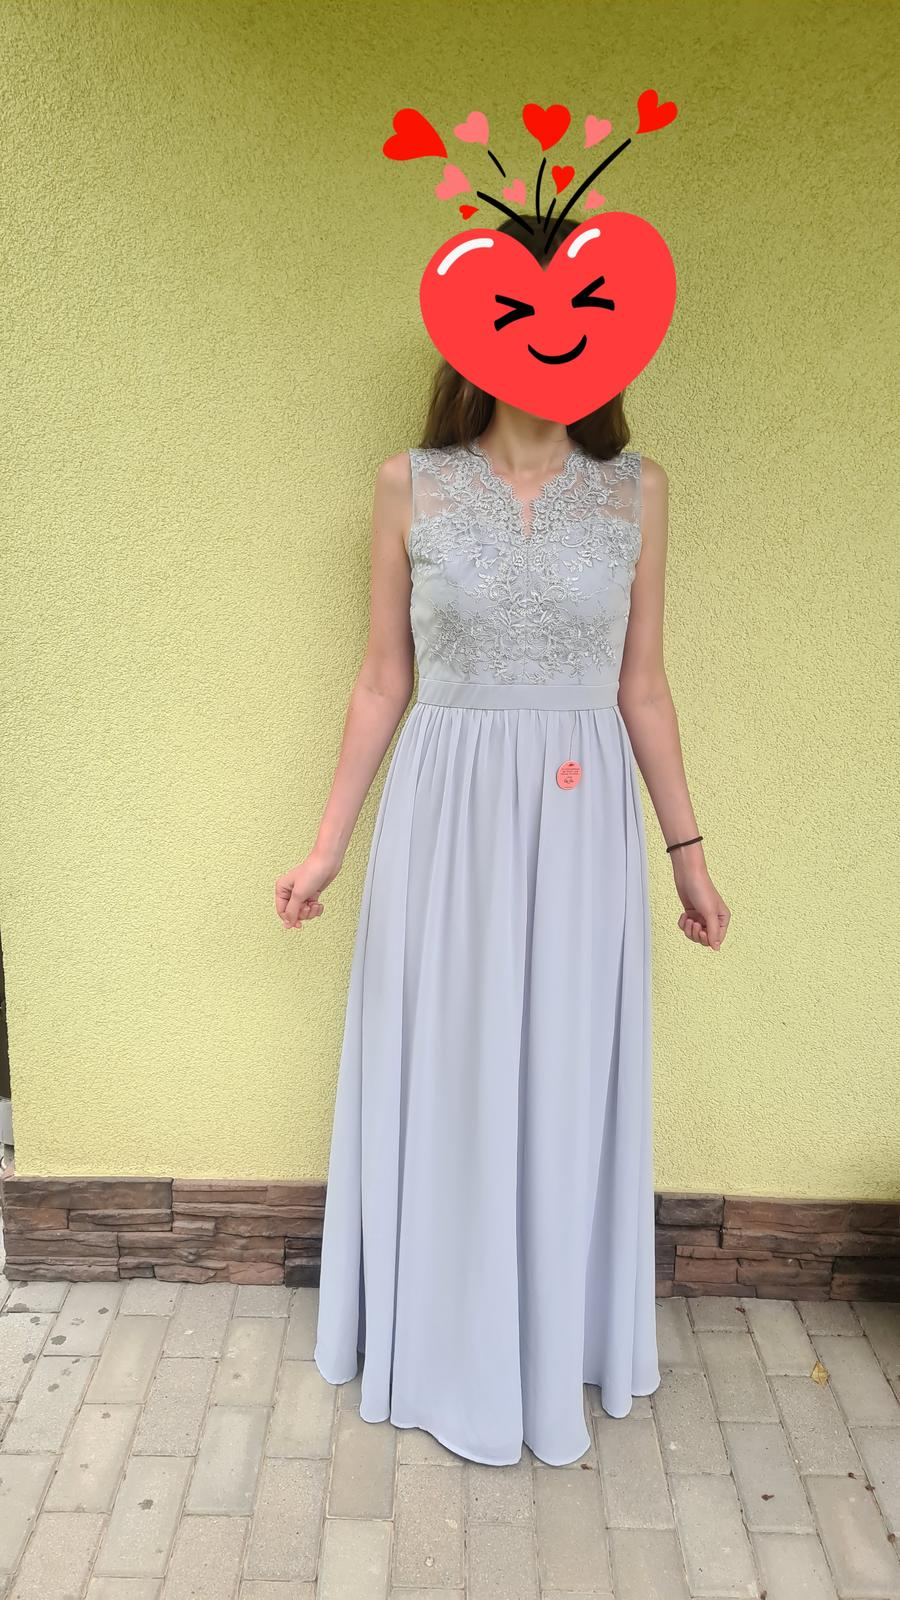 dlhe Chi chi London šaty, bledomodré, v. 38 - Obrázok č. 1